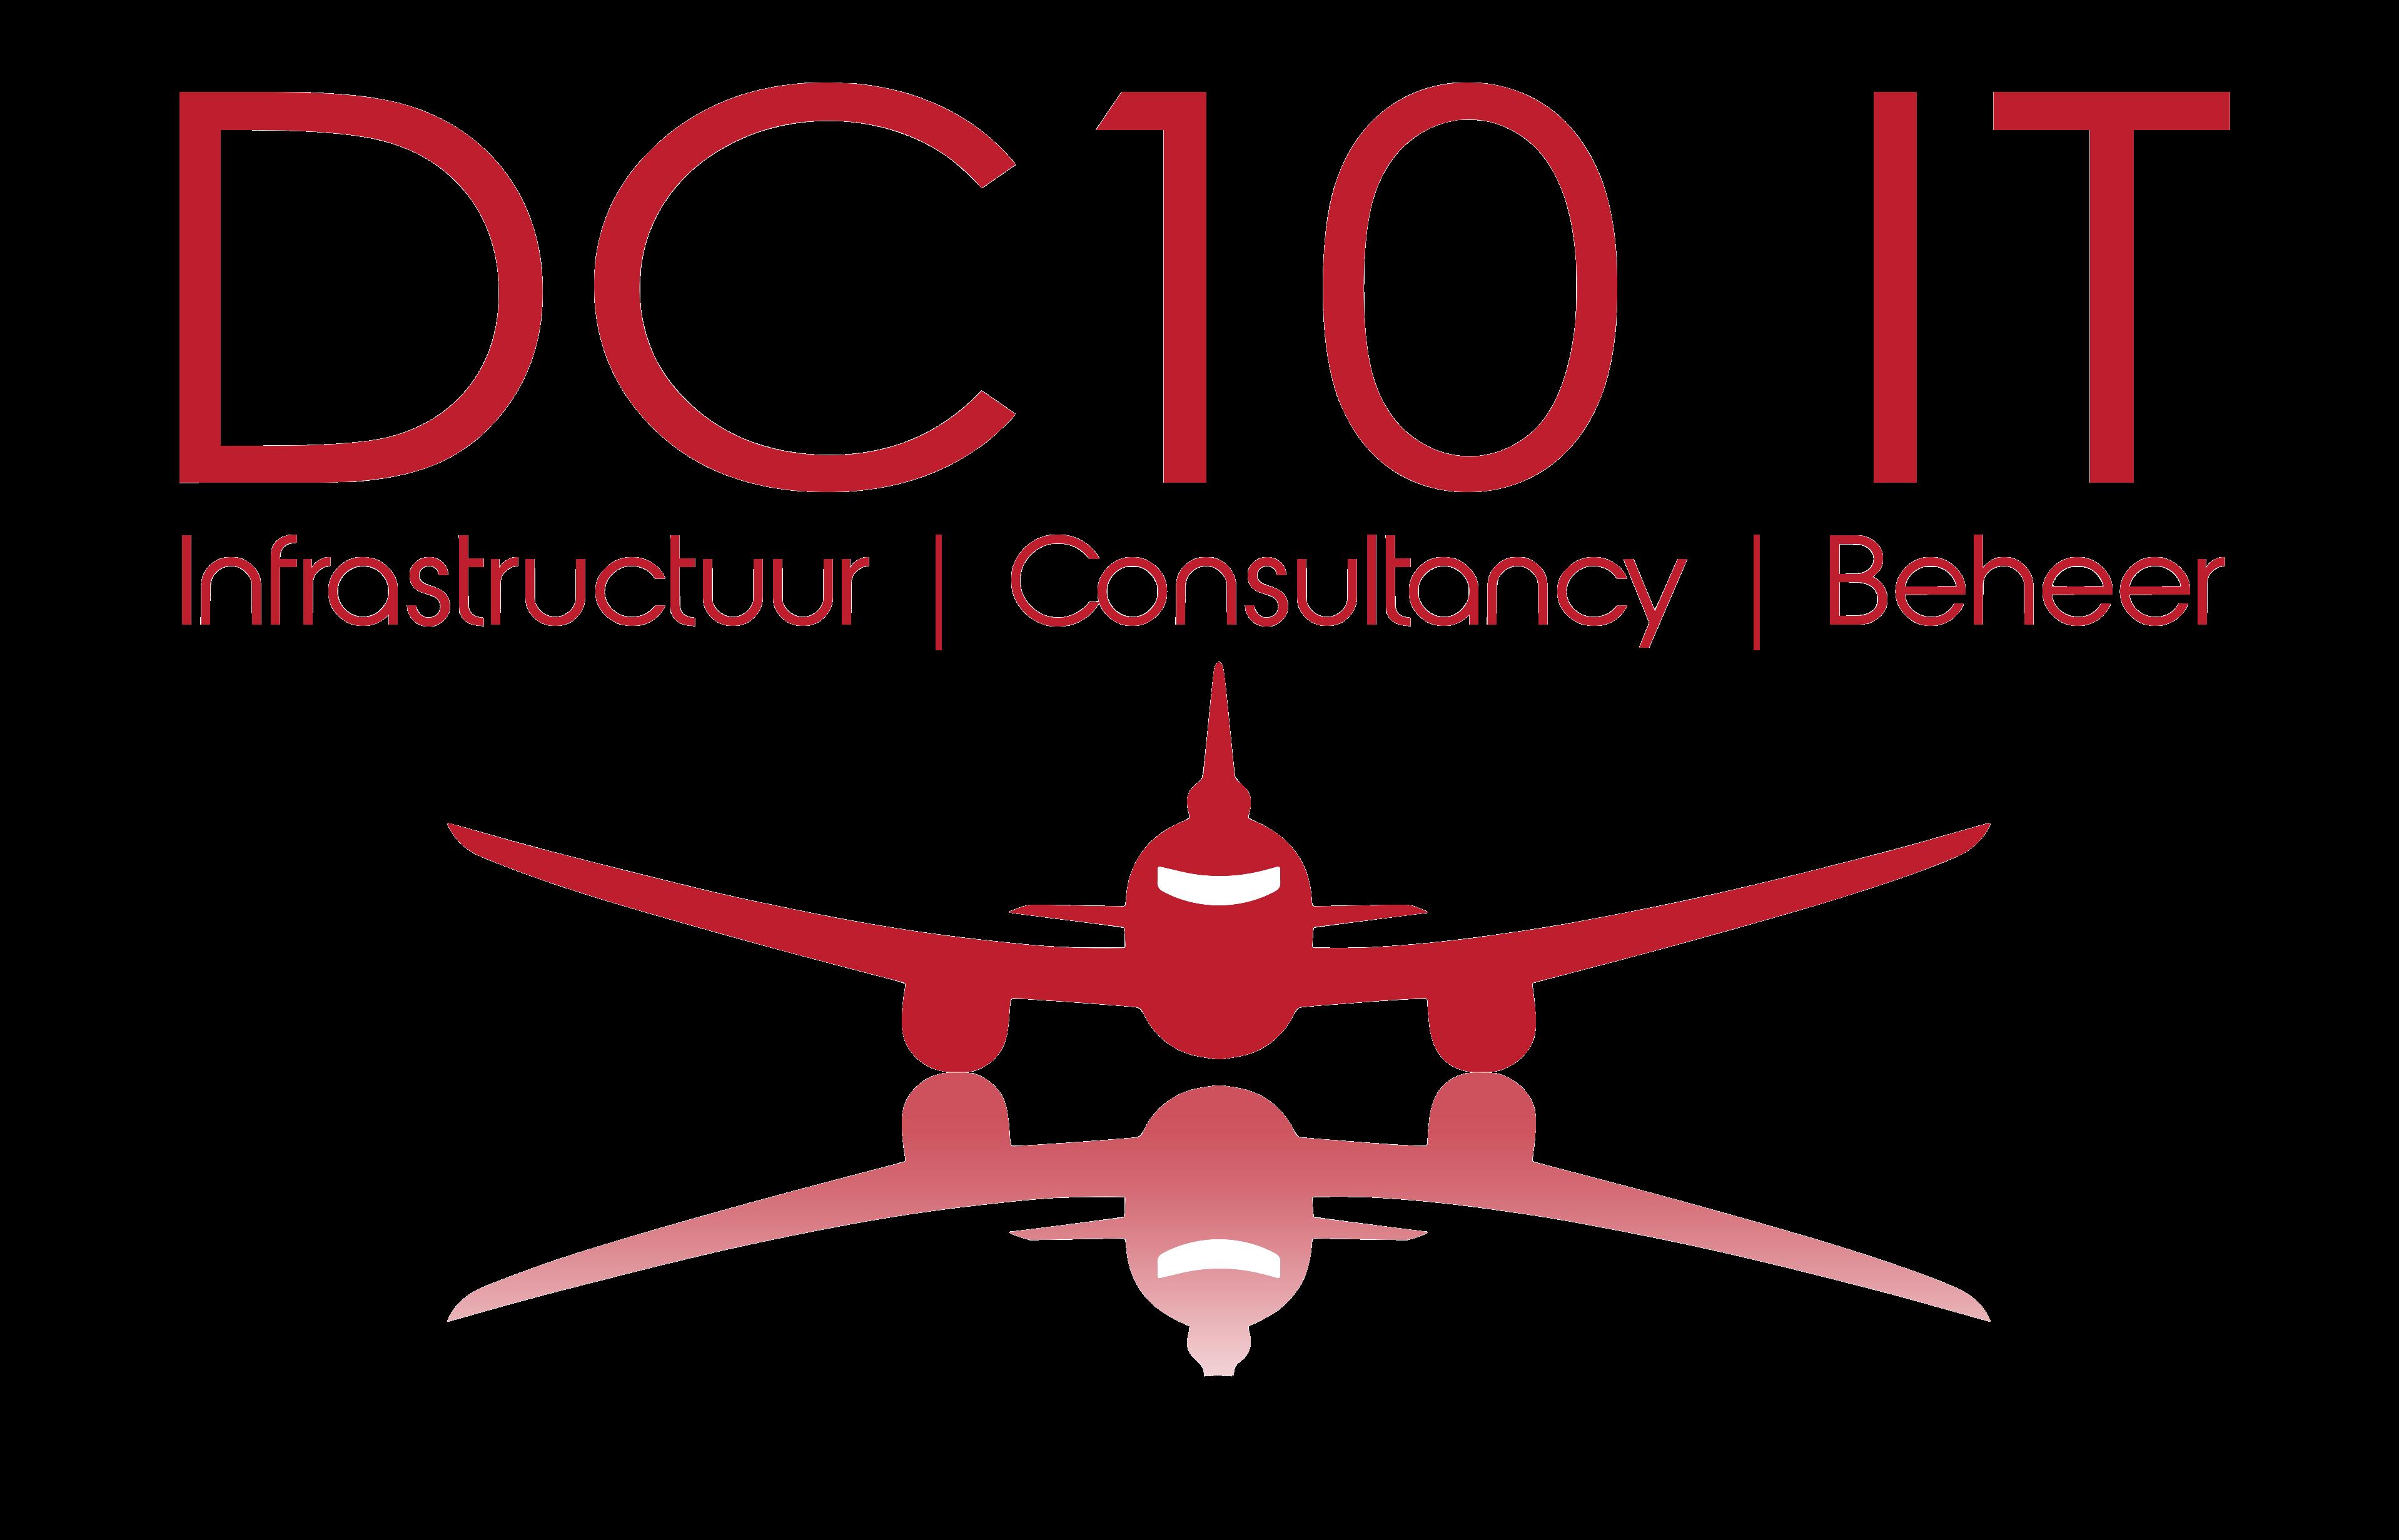 DC10 IT